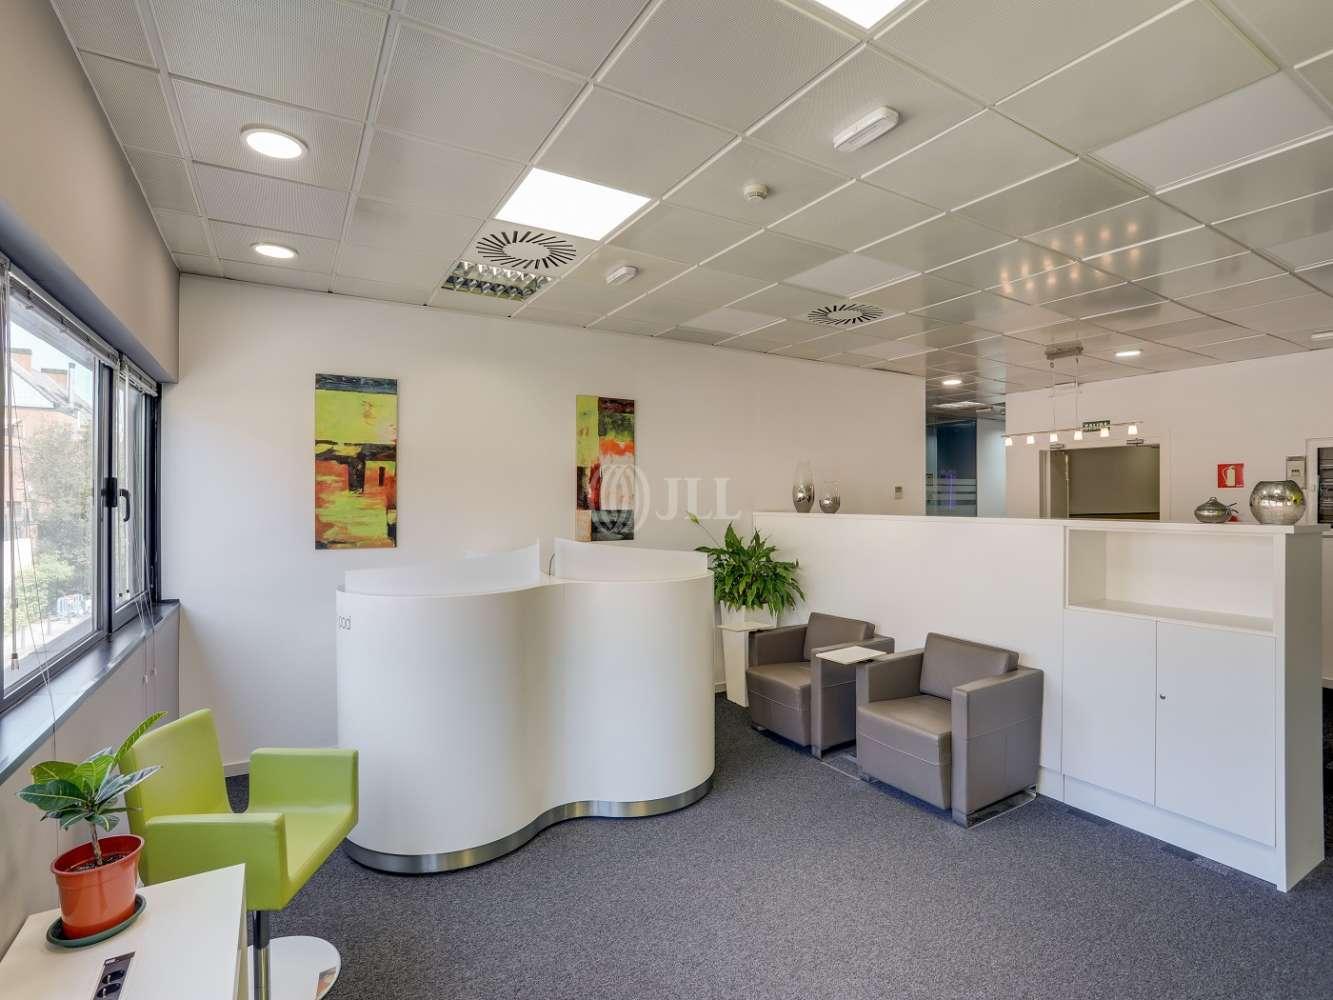 Oficina Las rozas de madrid, 28232 - Coworking - Las Rozas - 20141